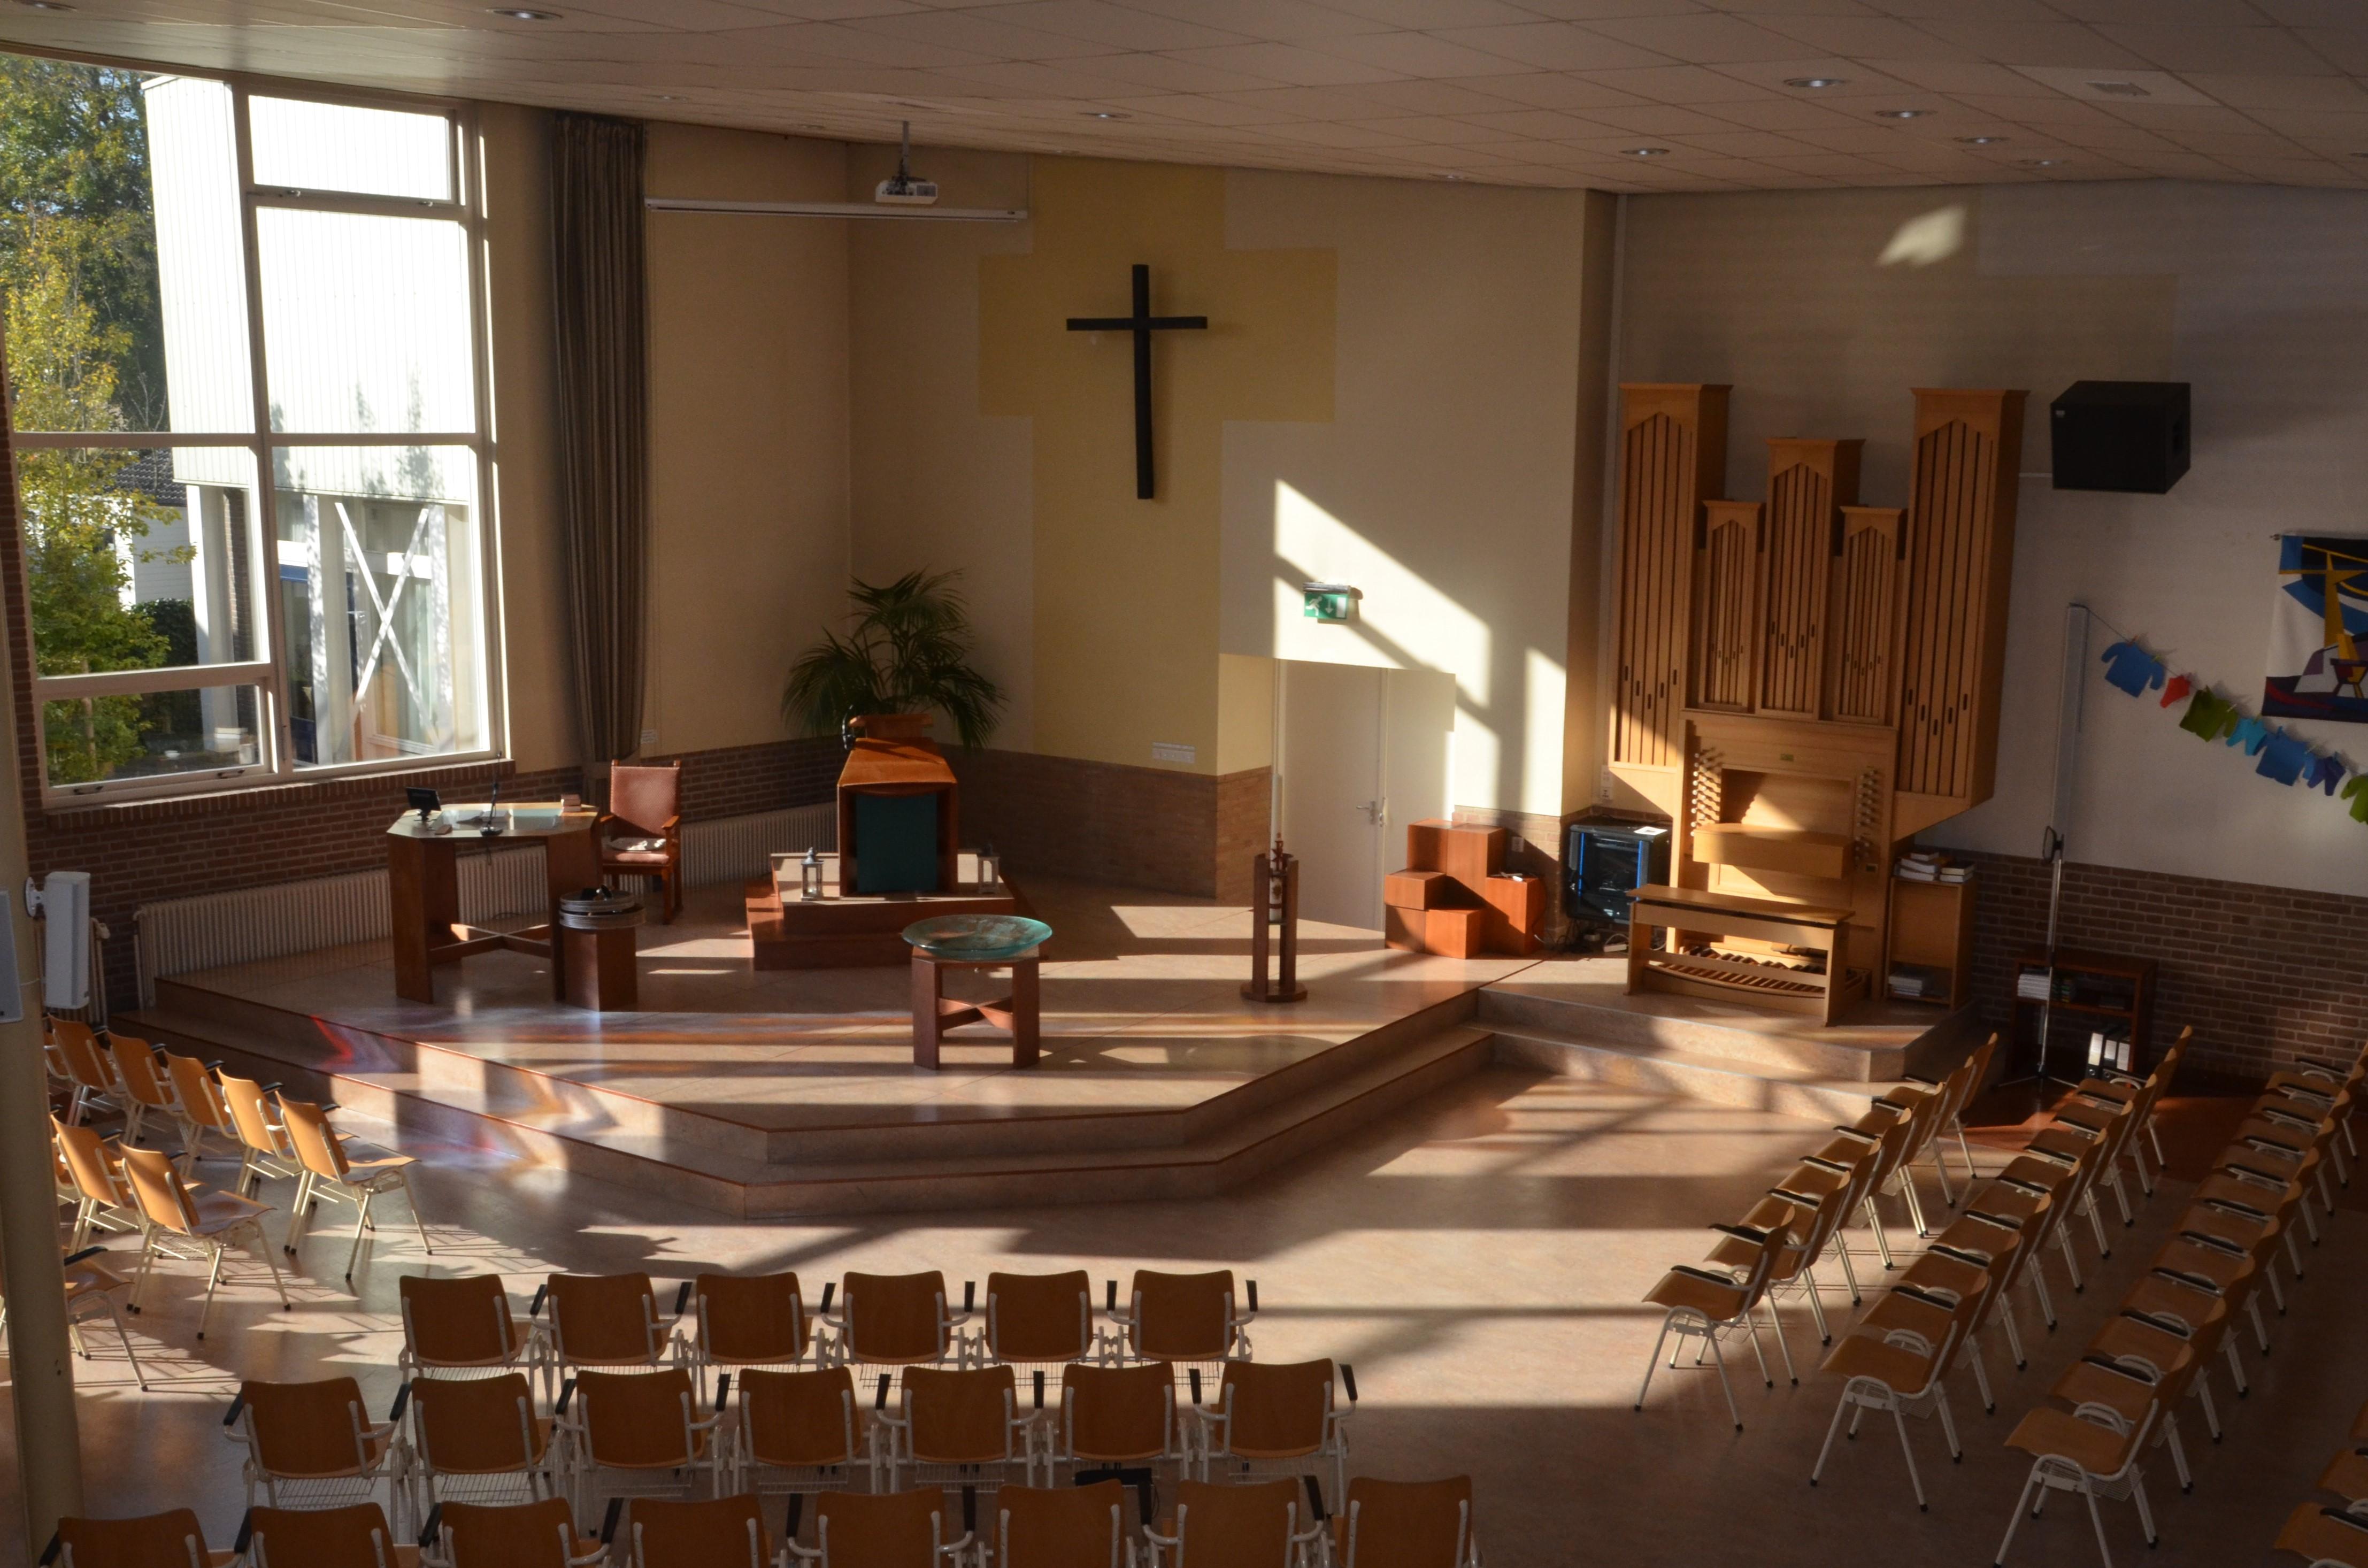 kerkzaal Maranathakerk